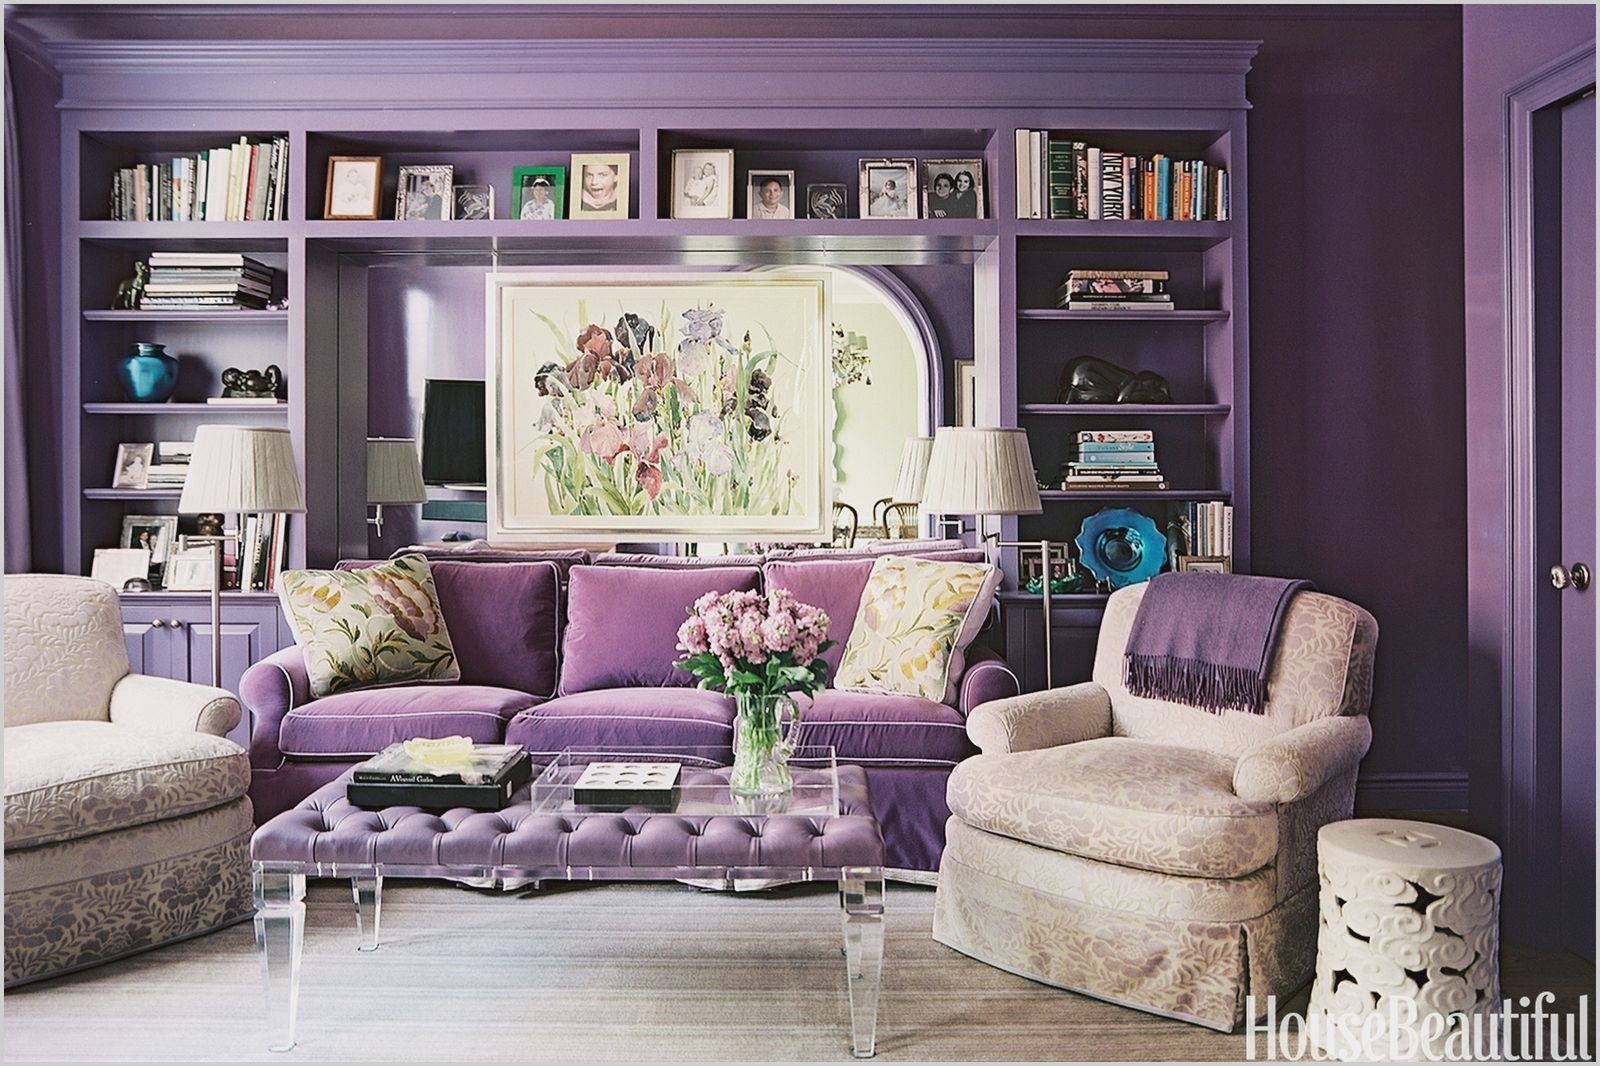 Small Living Room Ideas Purple Ide Dekorasi Kamar Dekorasi Kamar Ide Dekorasi Plum living room decor